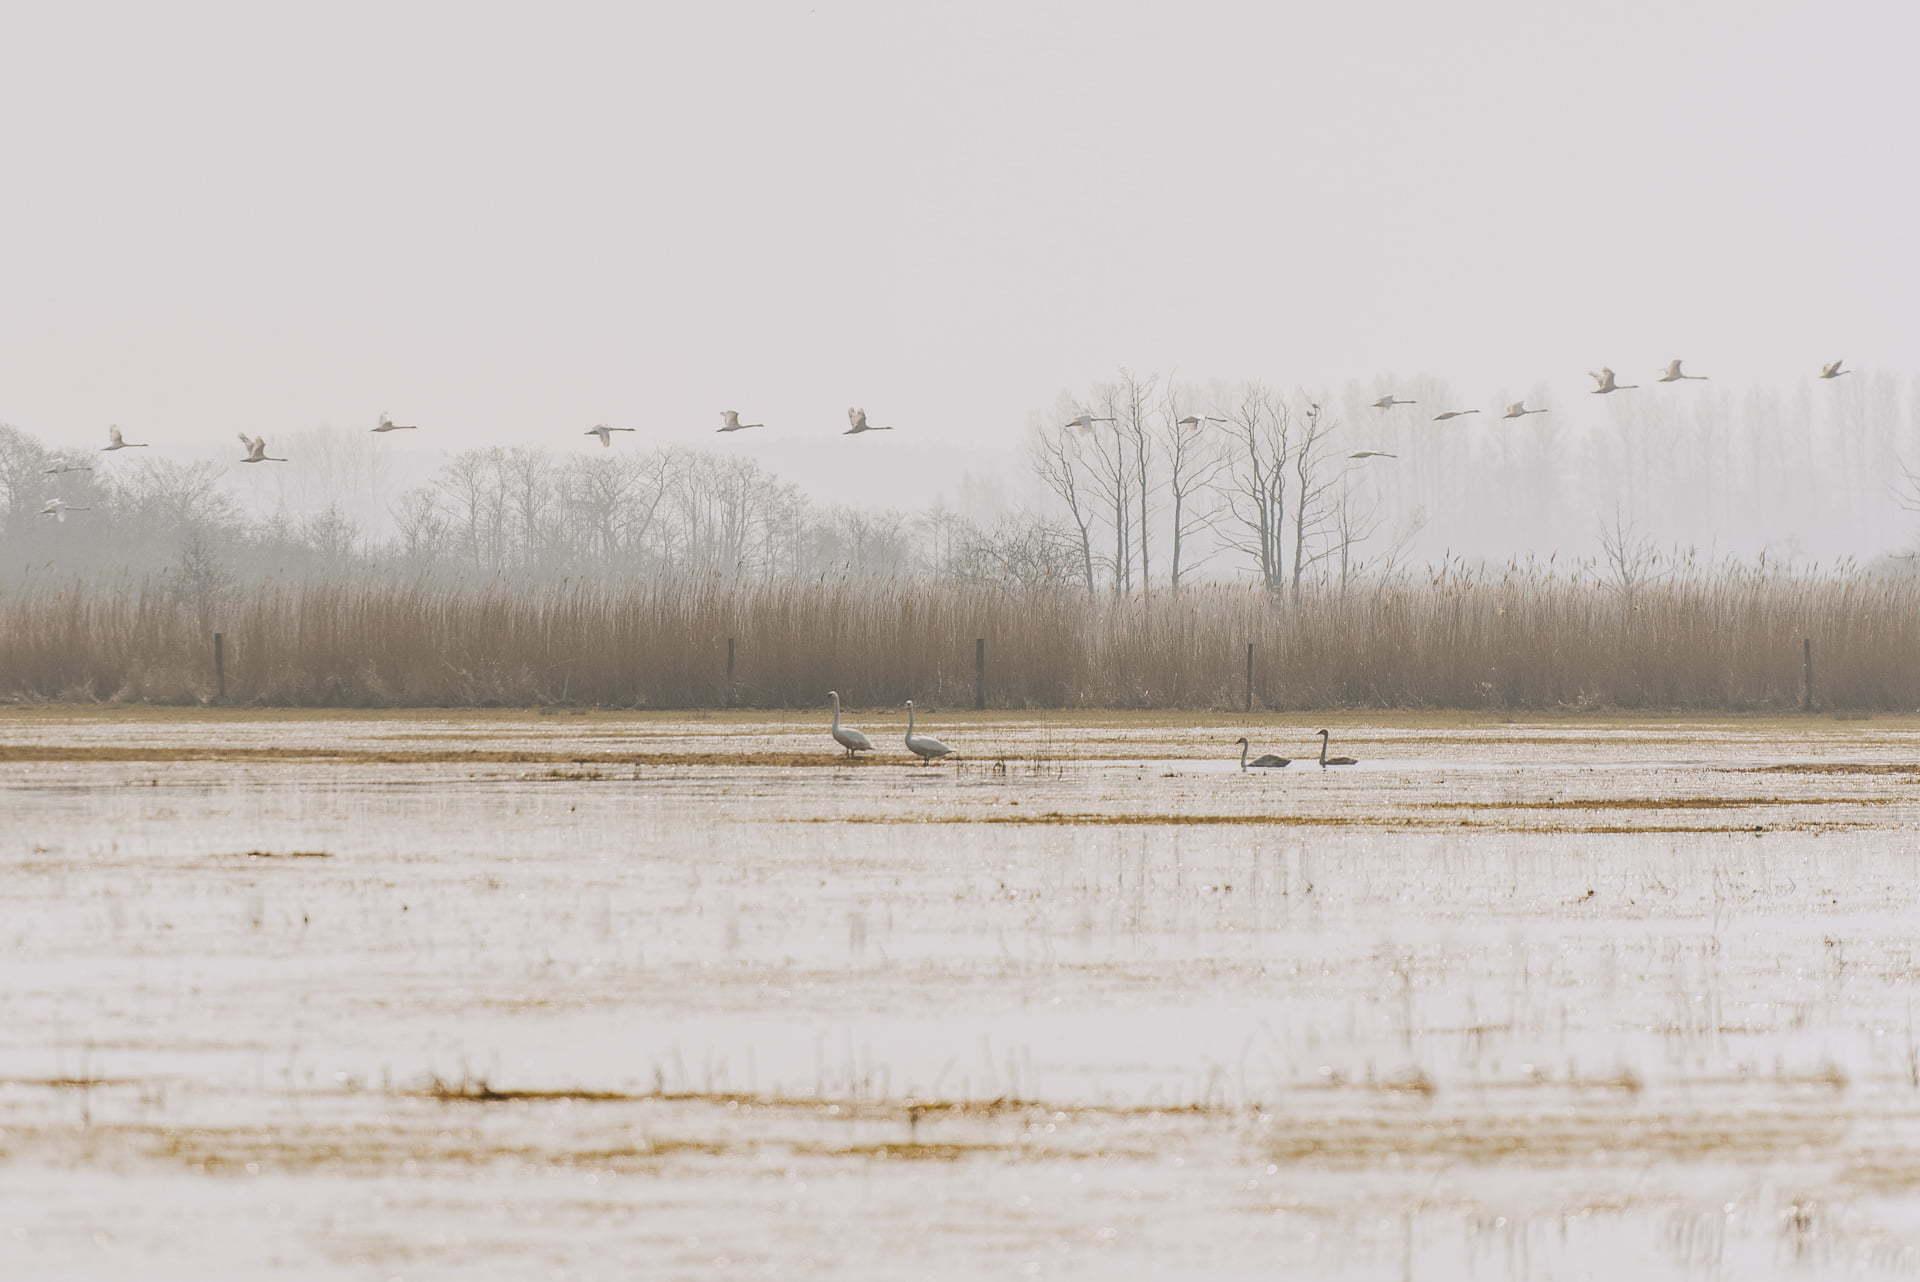 Rezerwat Przyrody Beka - stado ptaków